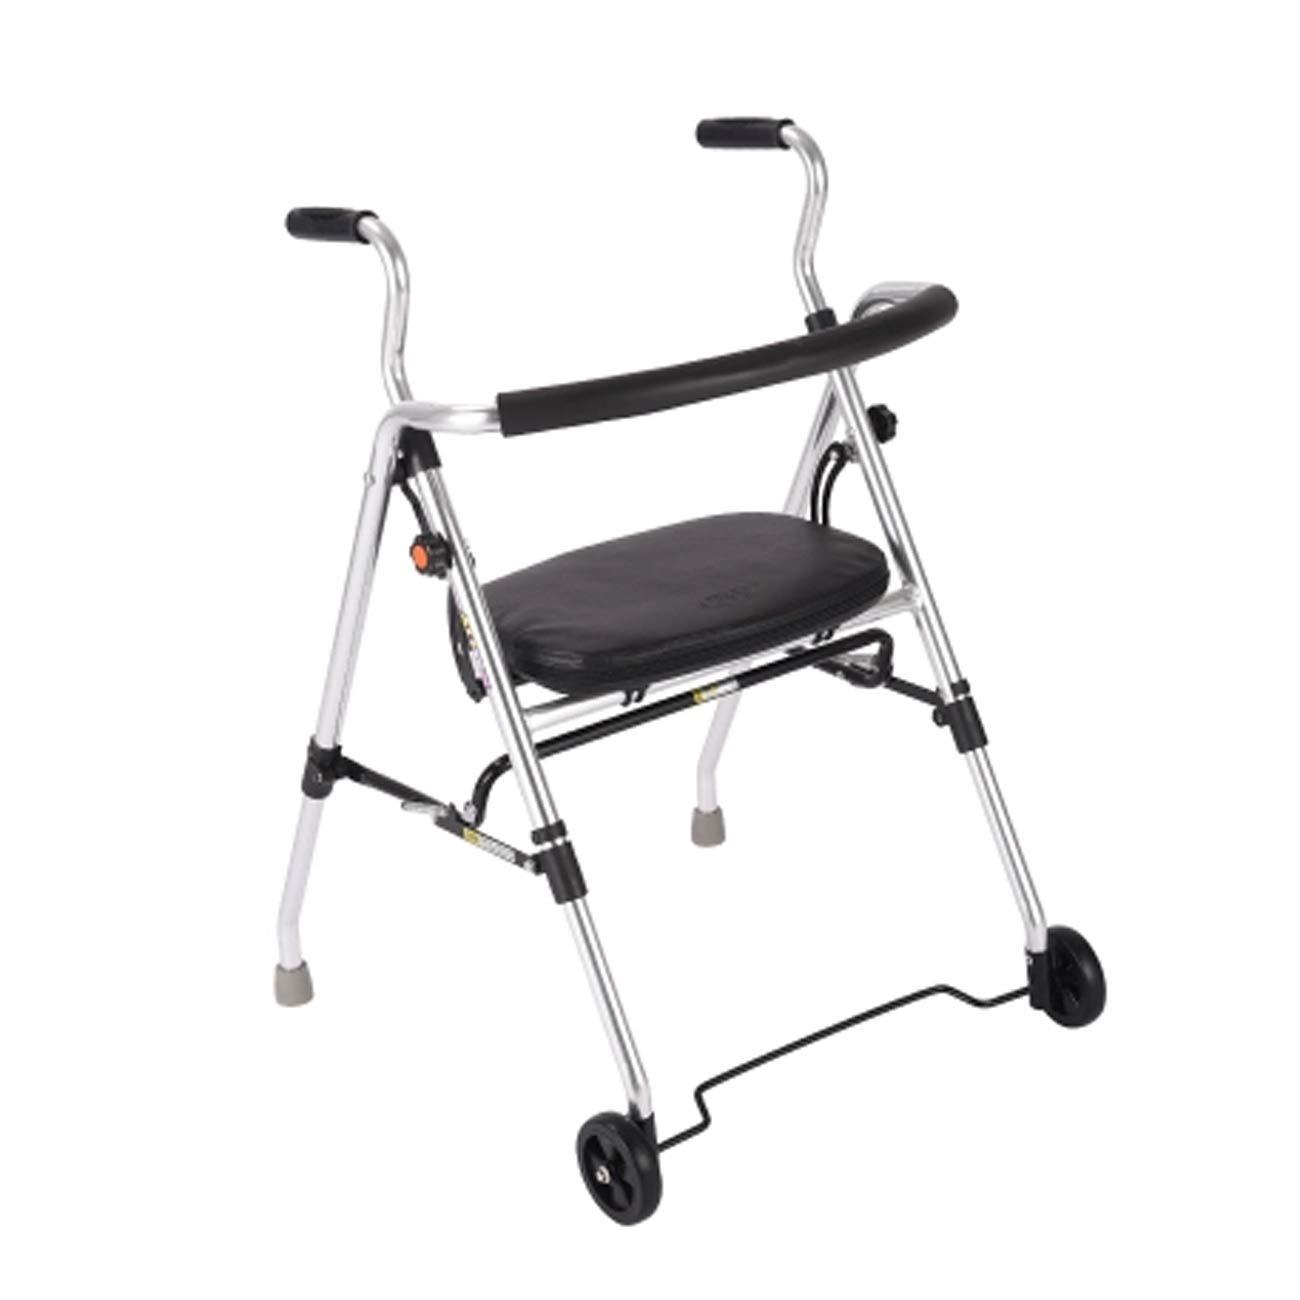 【超安い】 歩行者の歩行を助けるキャスターシート、歩行を助ける歩行器、手押し車が乗ることができ、老人の歩行器の松葉杖、銀を軽く折り畳むことができる B07L9545QP B07L9545QP, jevis:751af85a --- a0267596.xsph.ru